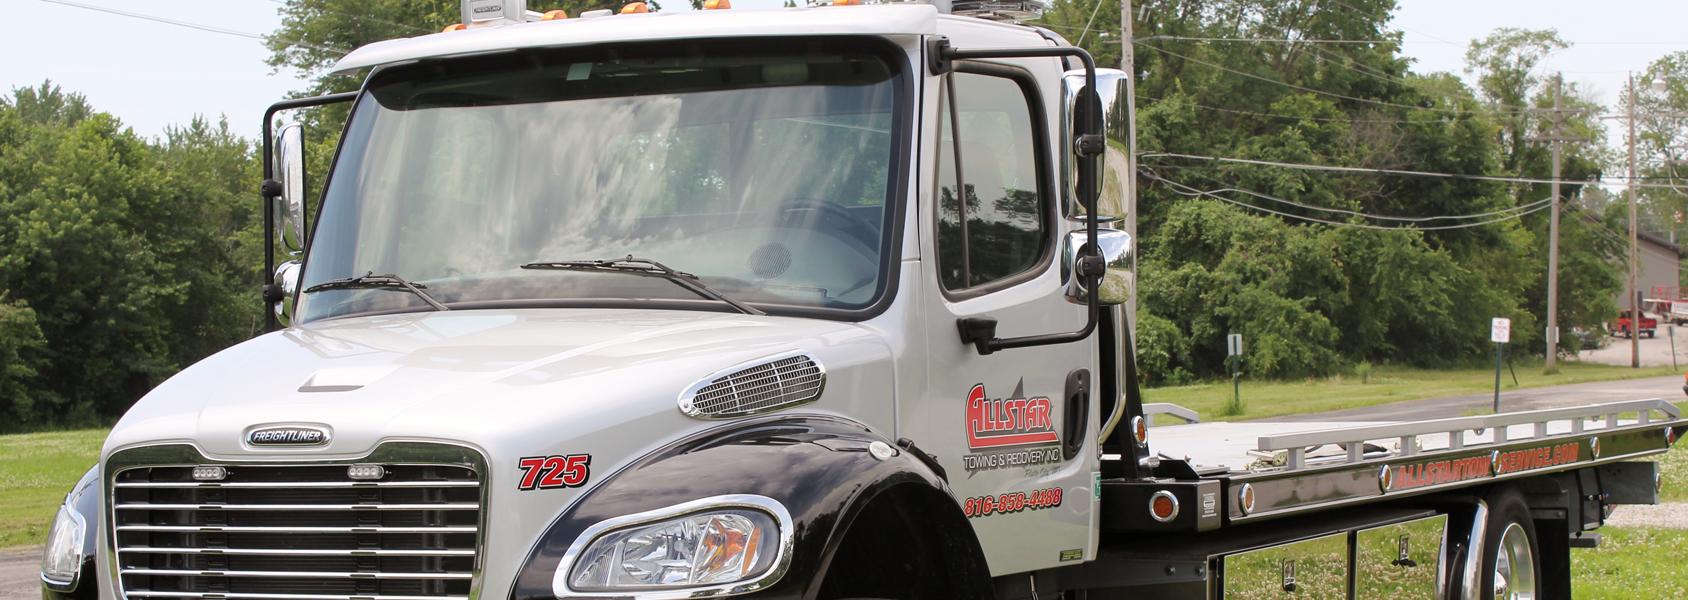 Kearney Tow Service 02